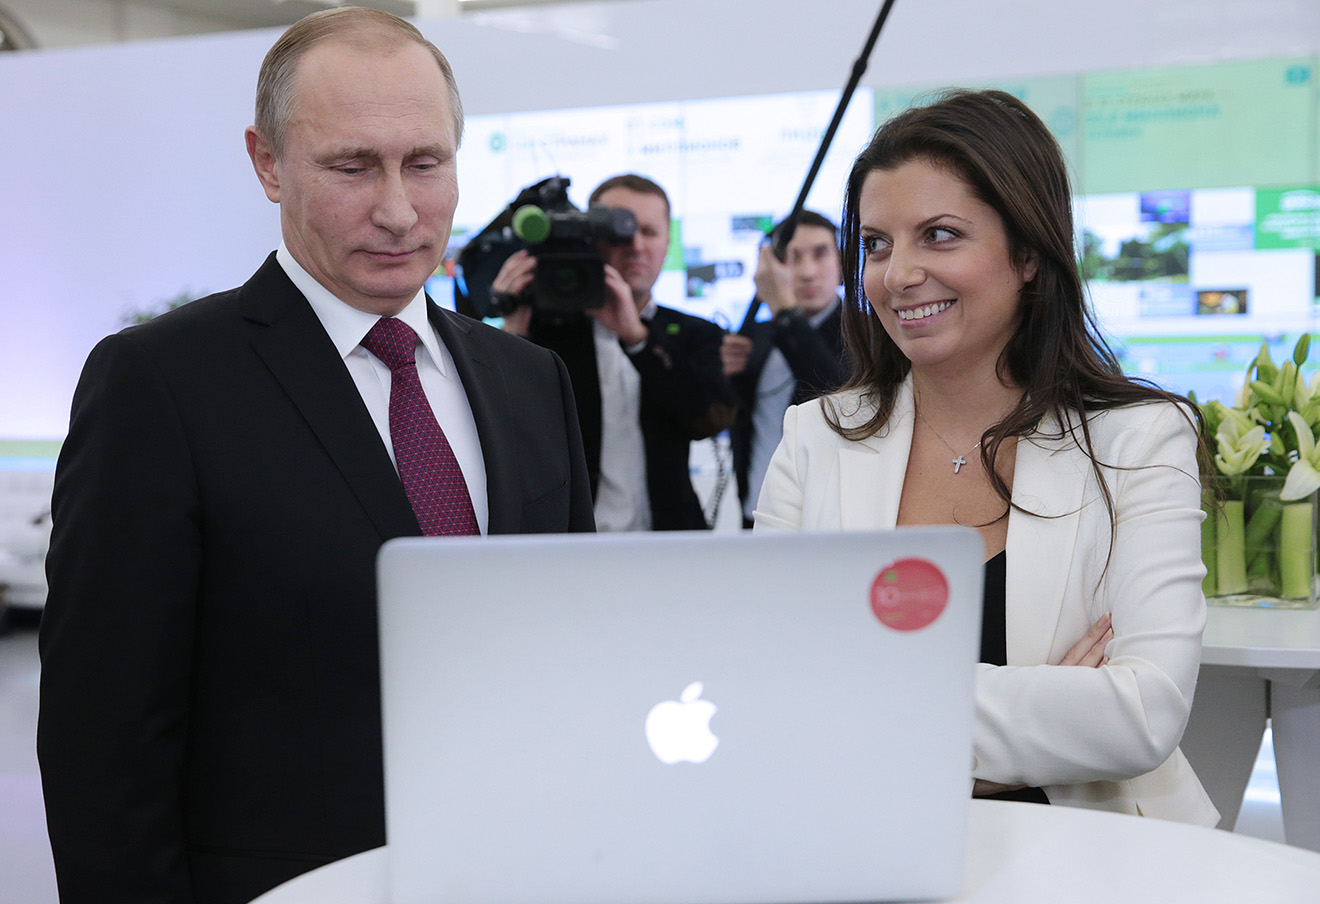 Владимир Путин и главный редактор телекомпании RT Маргарита Симоньян.